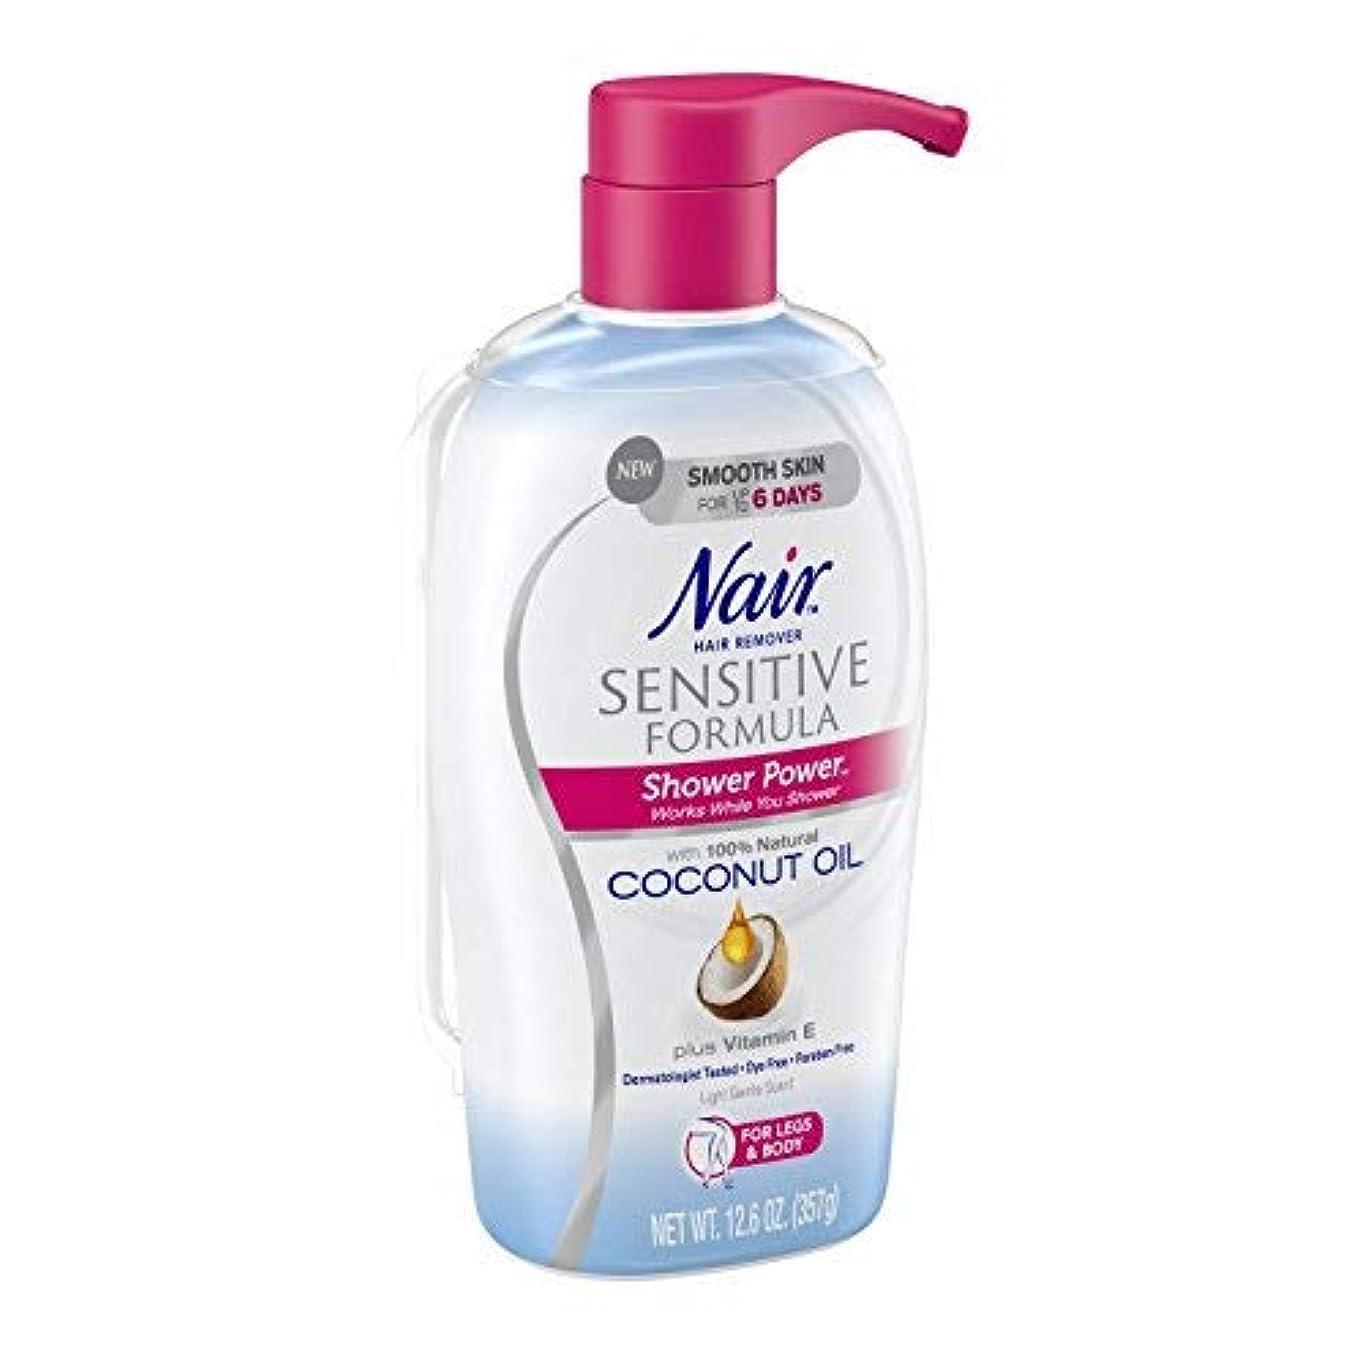 ドキュメンタリーラバ地区Nair Shower Power Sensitive Hair Removal for Legs Body 12.6 fl oz [並行輸入品]